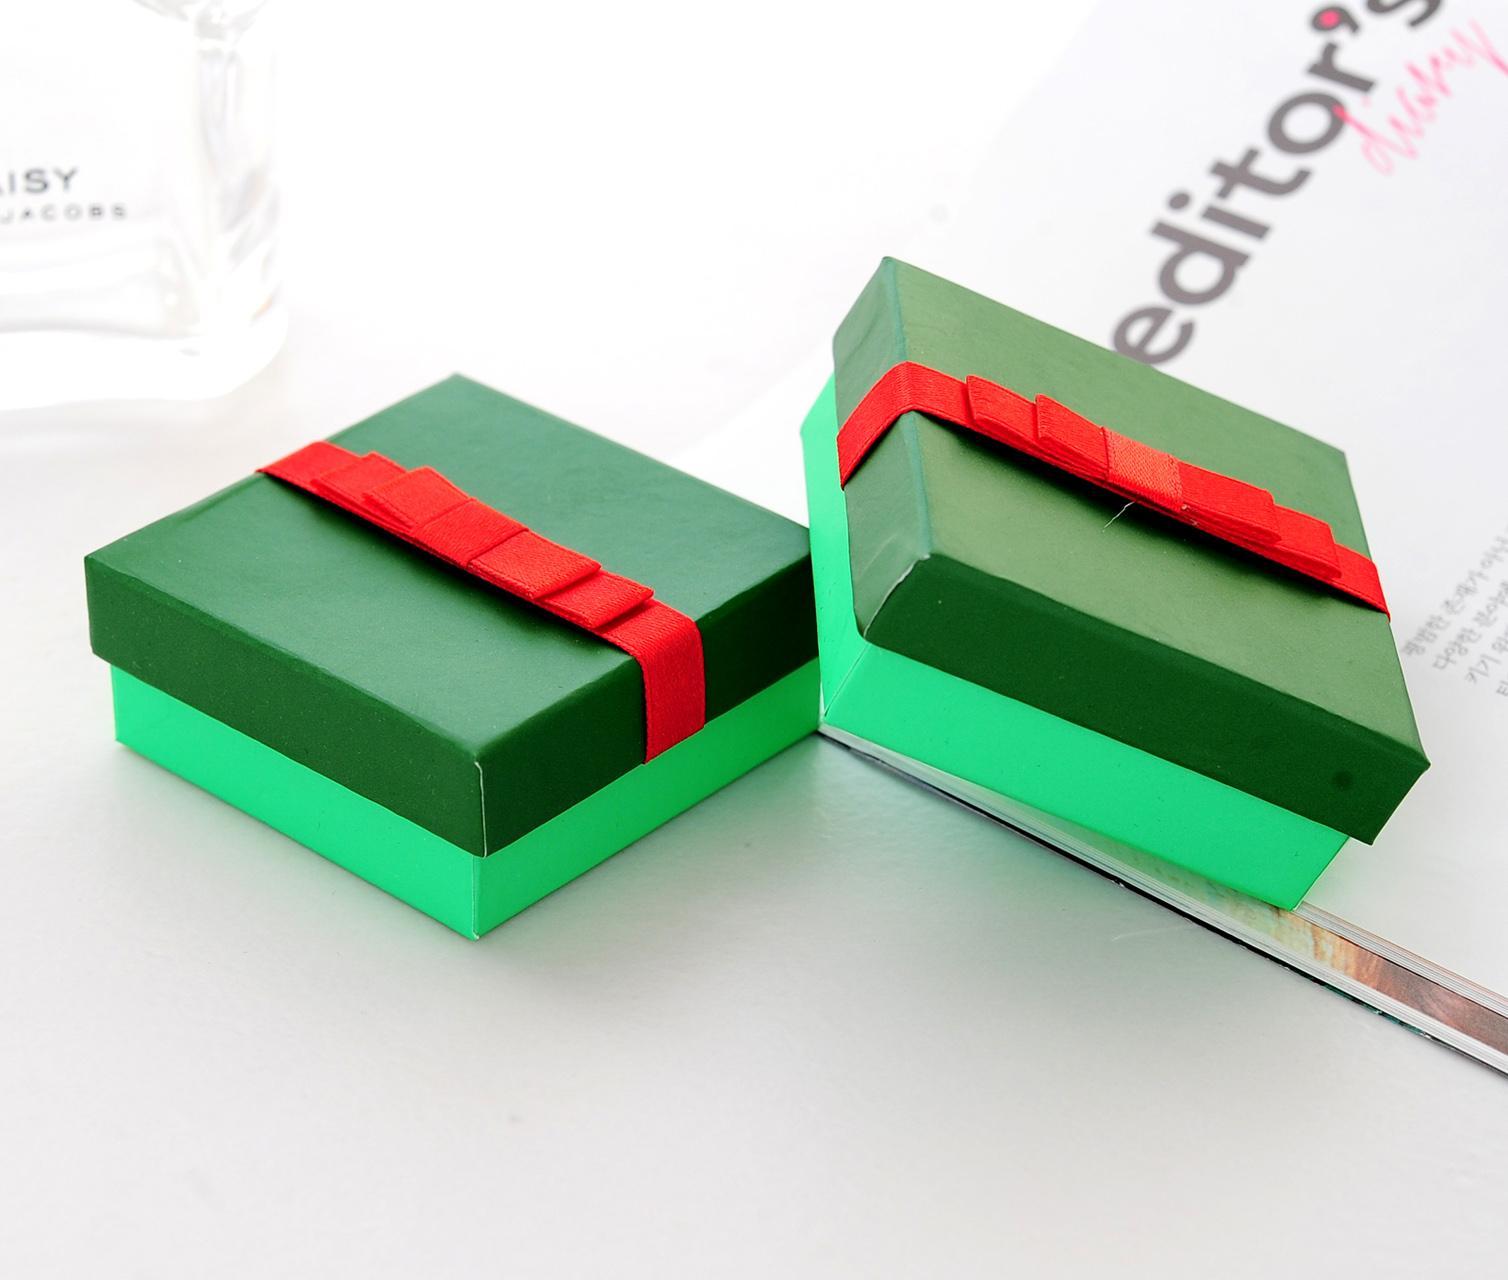 [간단한 세븐] 솔리드 녹색 팔찌 상자 / 크리스마스 귀걸이 케이스 레드 Bowknot와 / 화려한 펜던트 디스플레이 / 특별 선물 보석 상자 (중동)